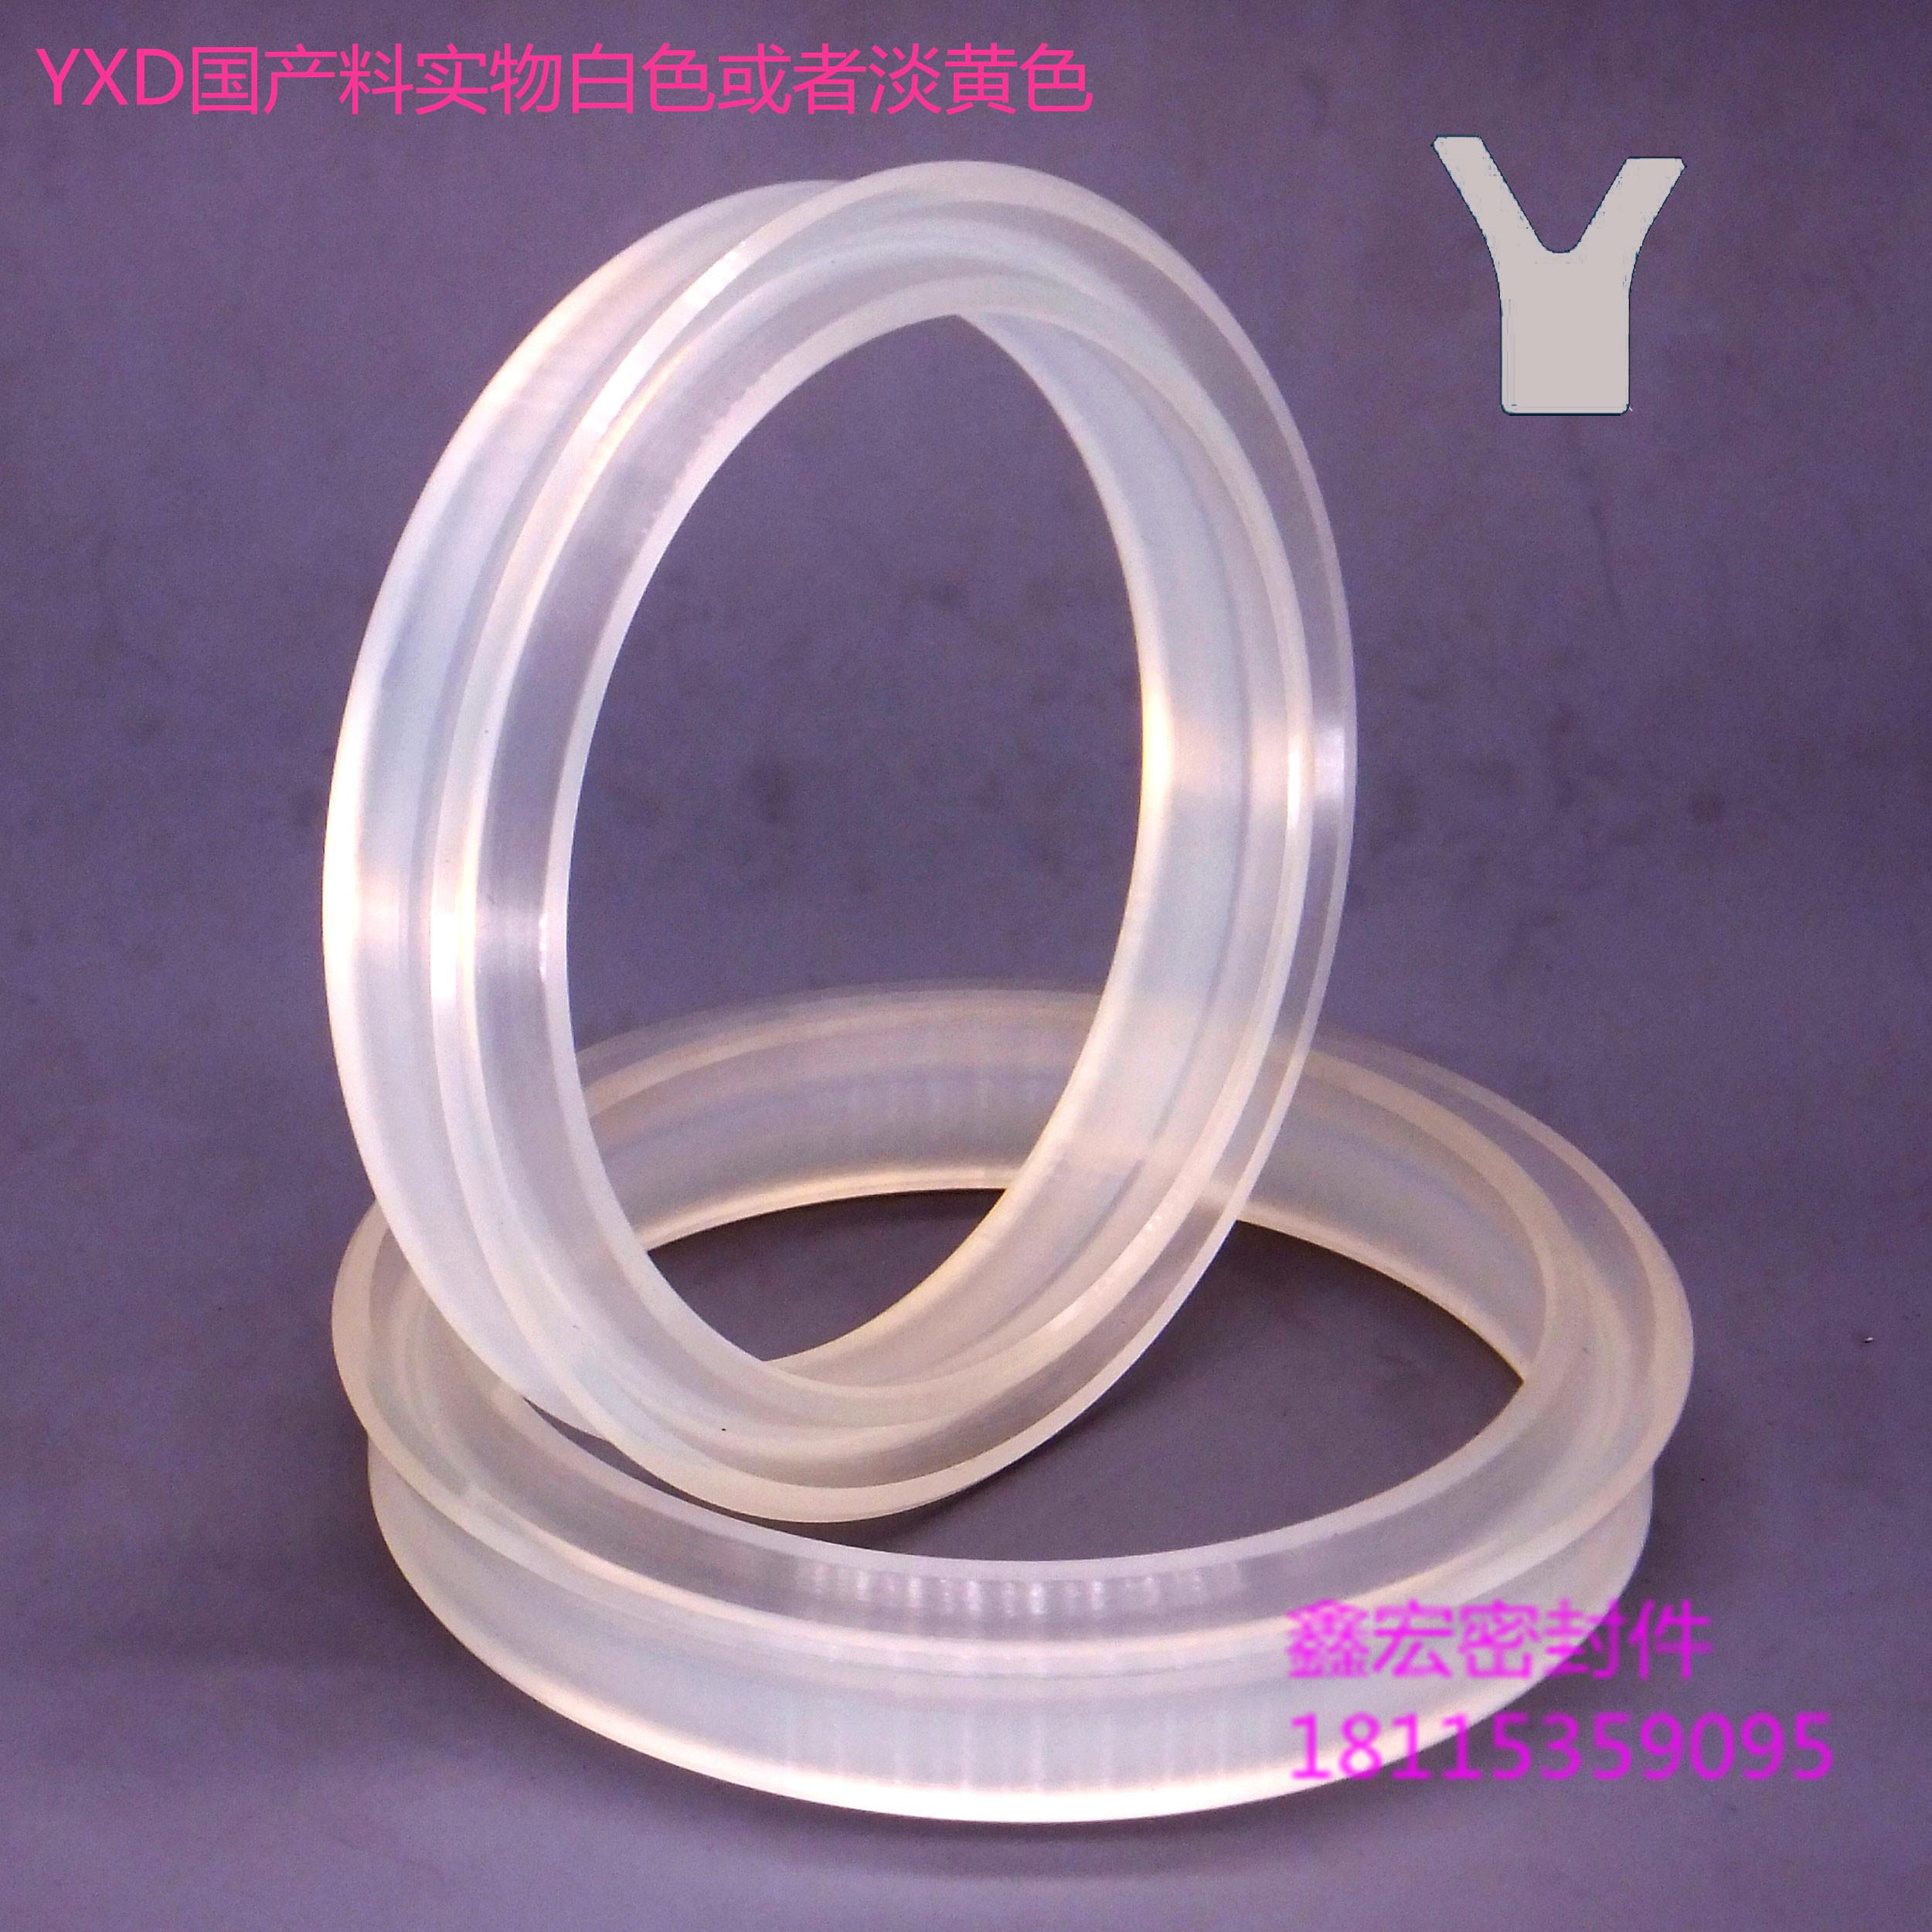 液压油缸油封大全YXD/Y/U/V型170*154*18活塞孔用唇形密封圈/件环